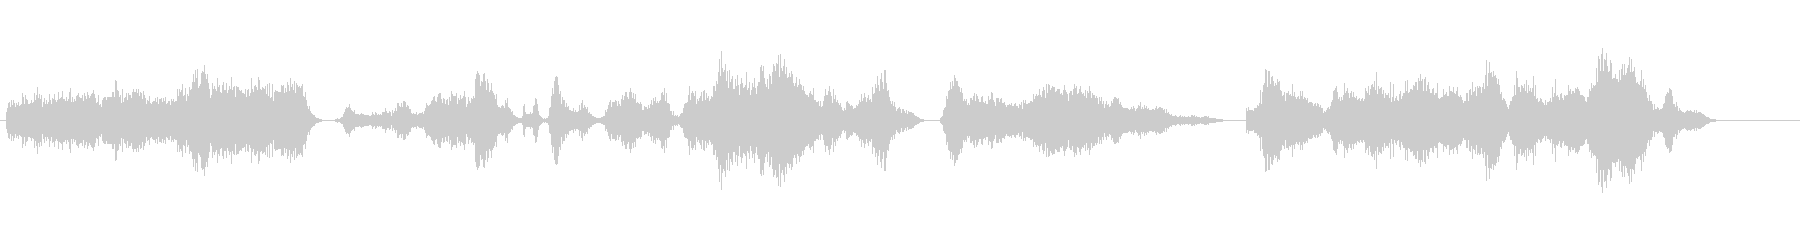 ゴースト、ホーンティングの未再生の波形